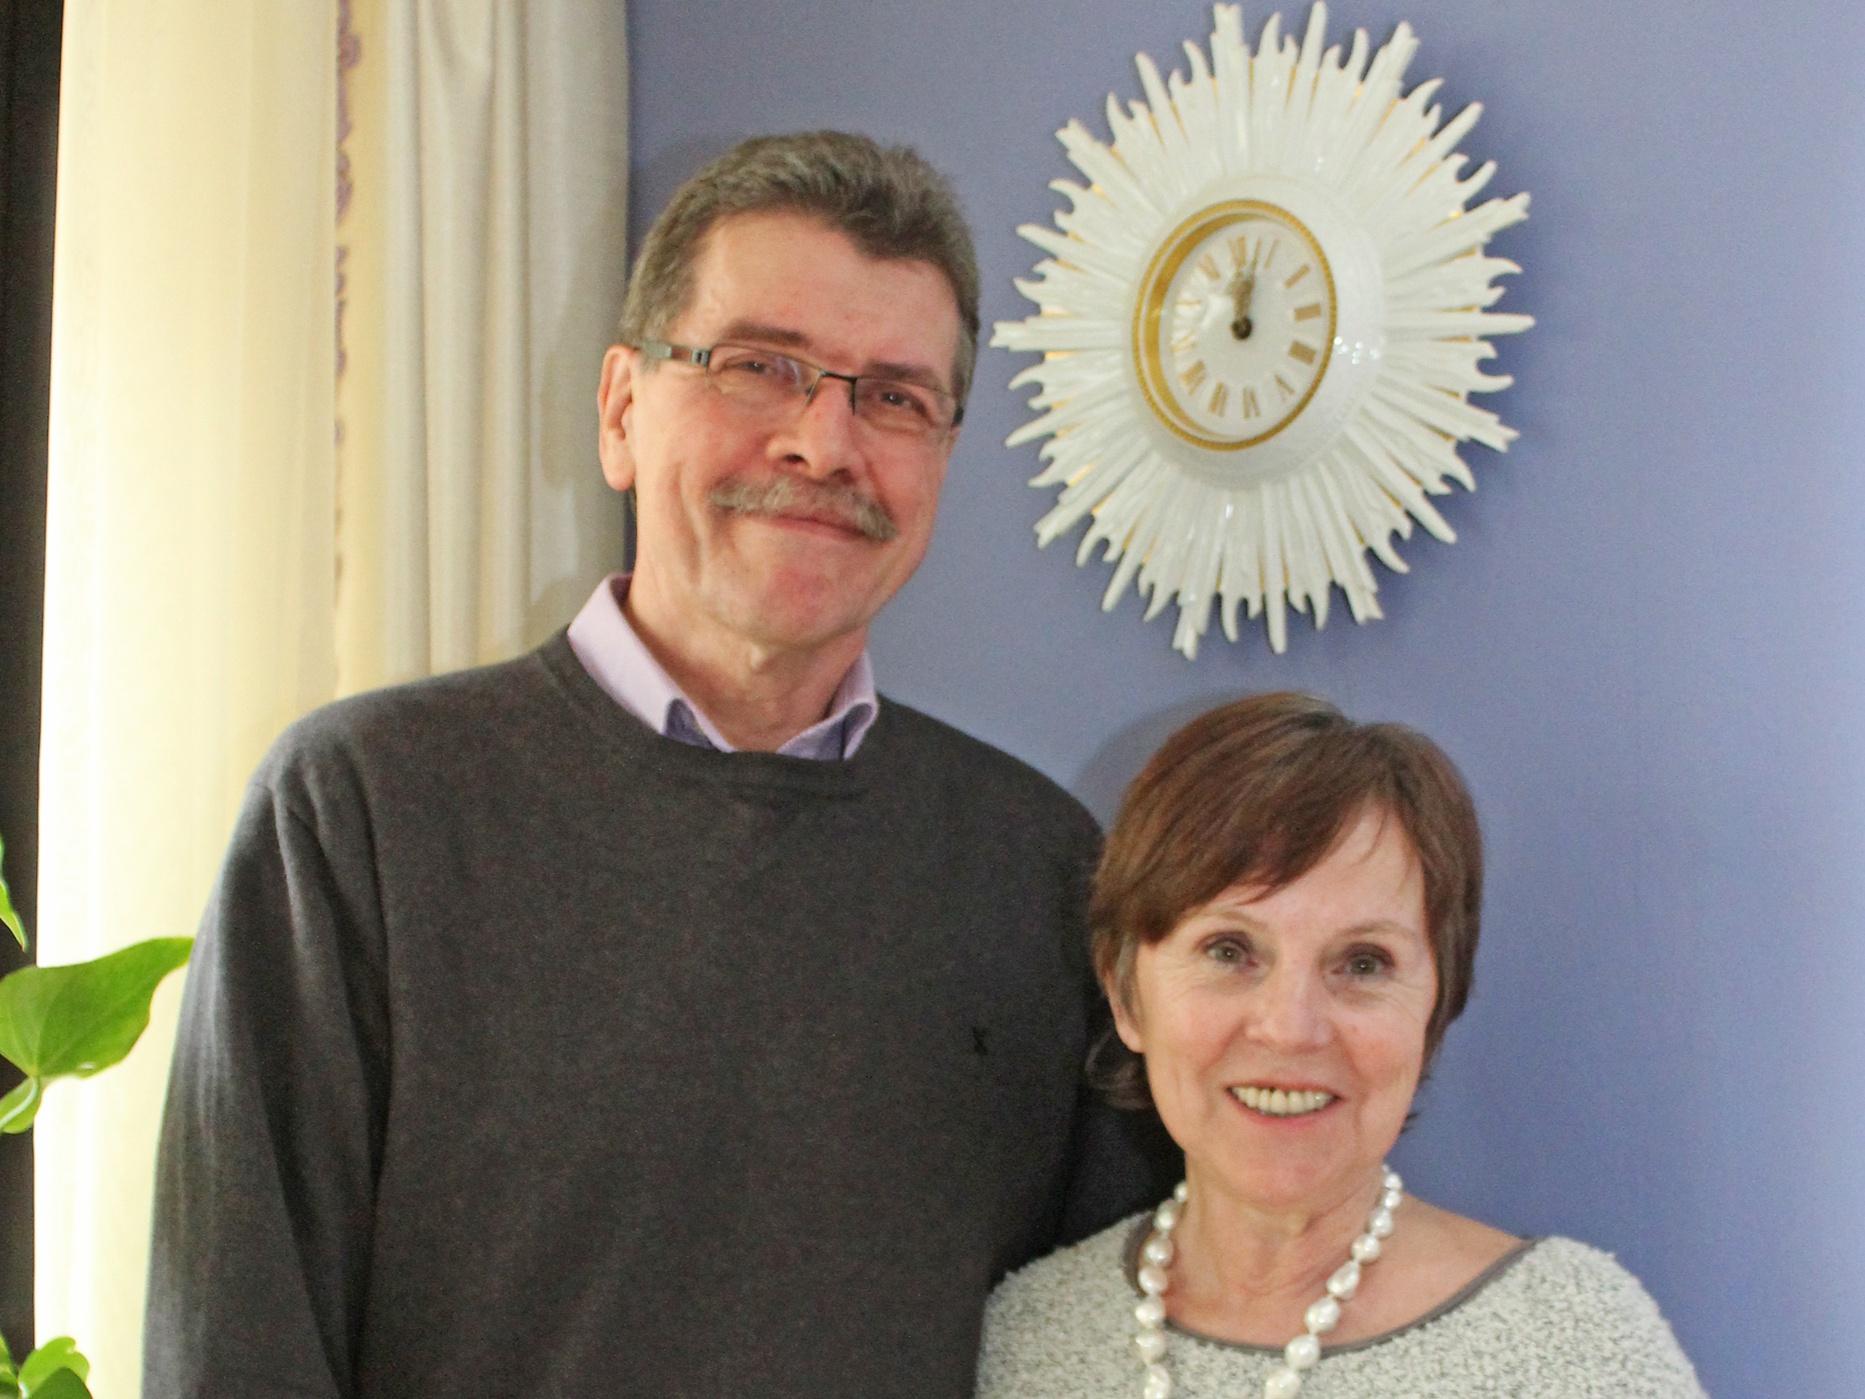 Langjährige HOT-Pädagogen im Stephanus-Haus Borchen im Ruhestand Abschied von Berna Schupp-Winterkamp und Friedel Schupp